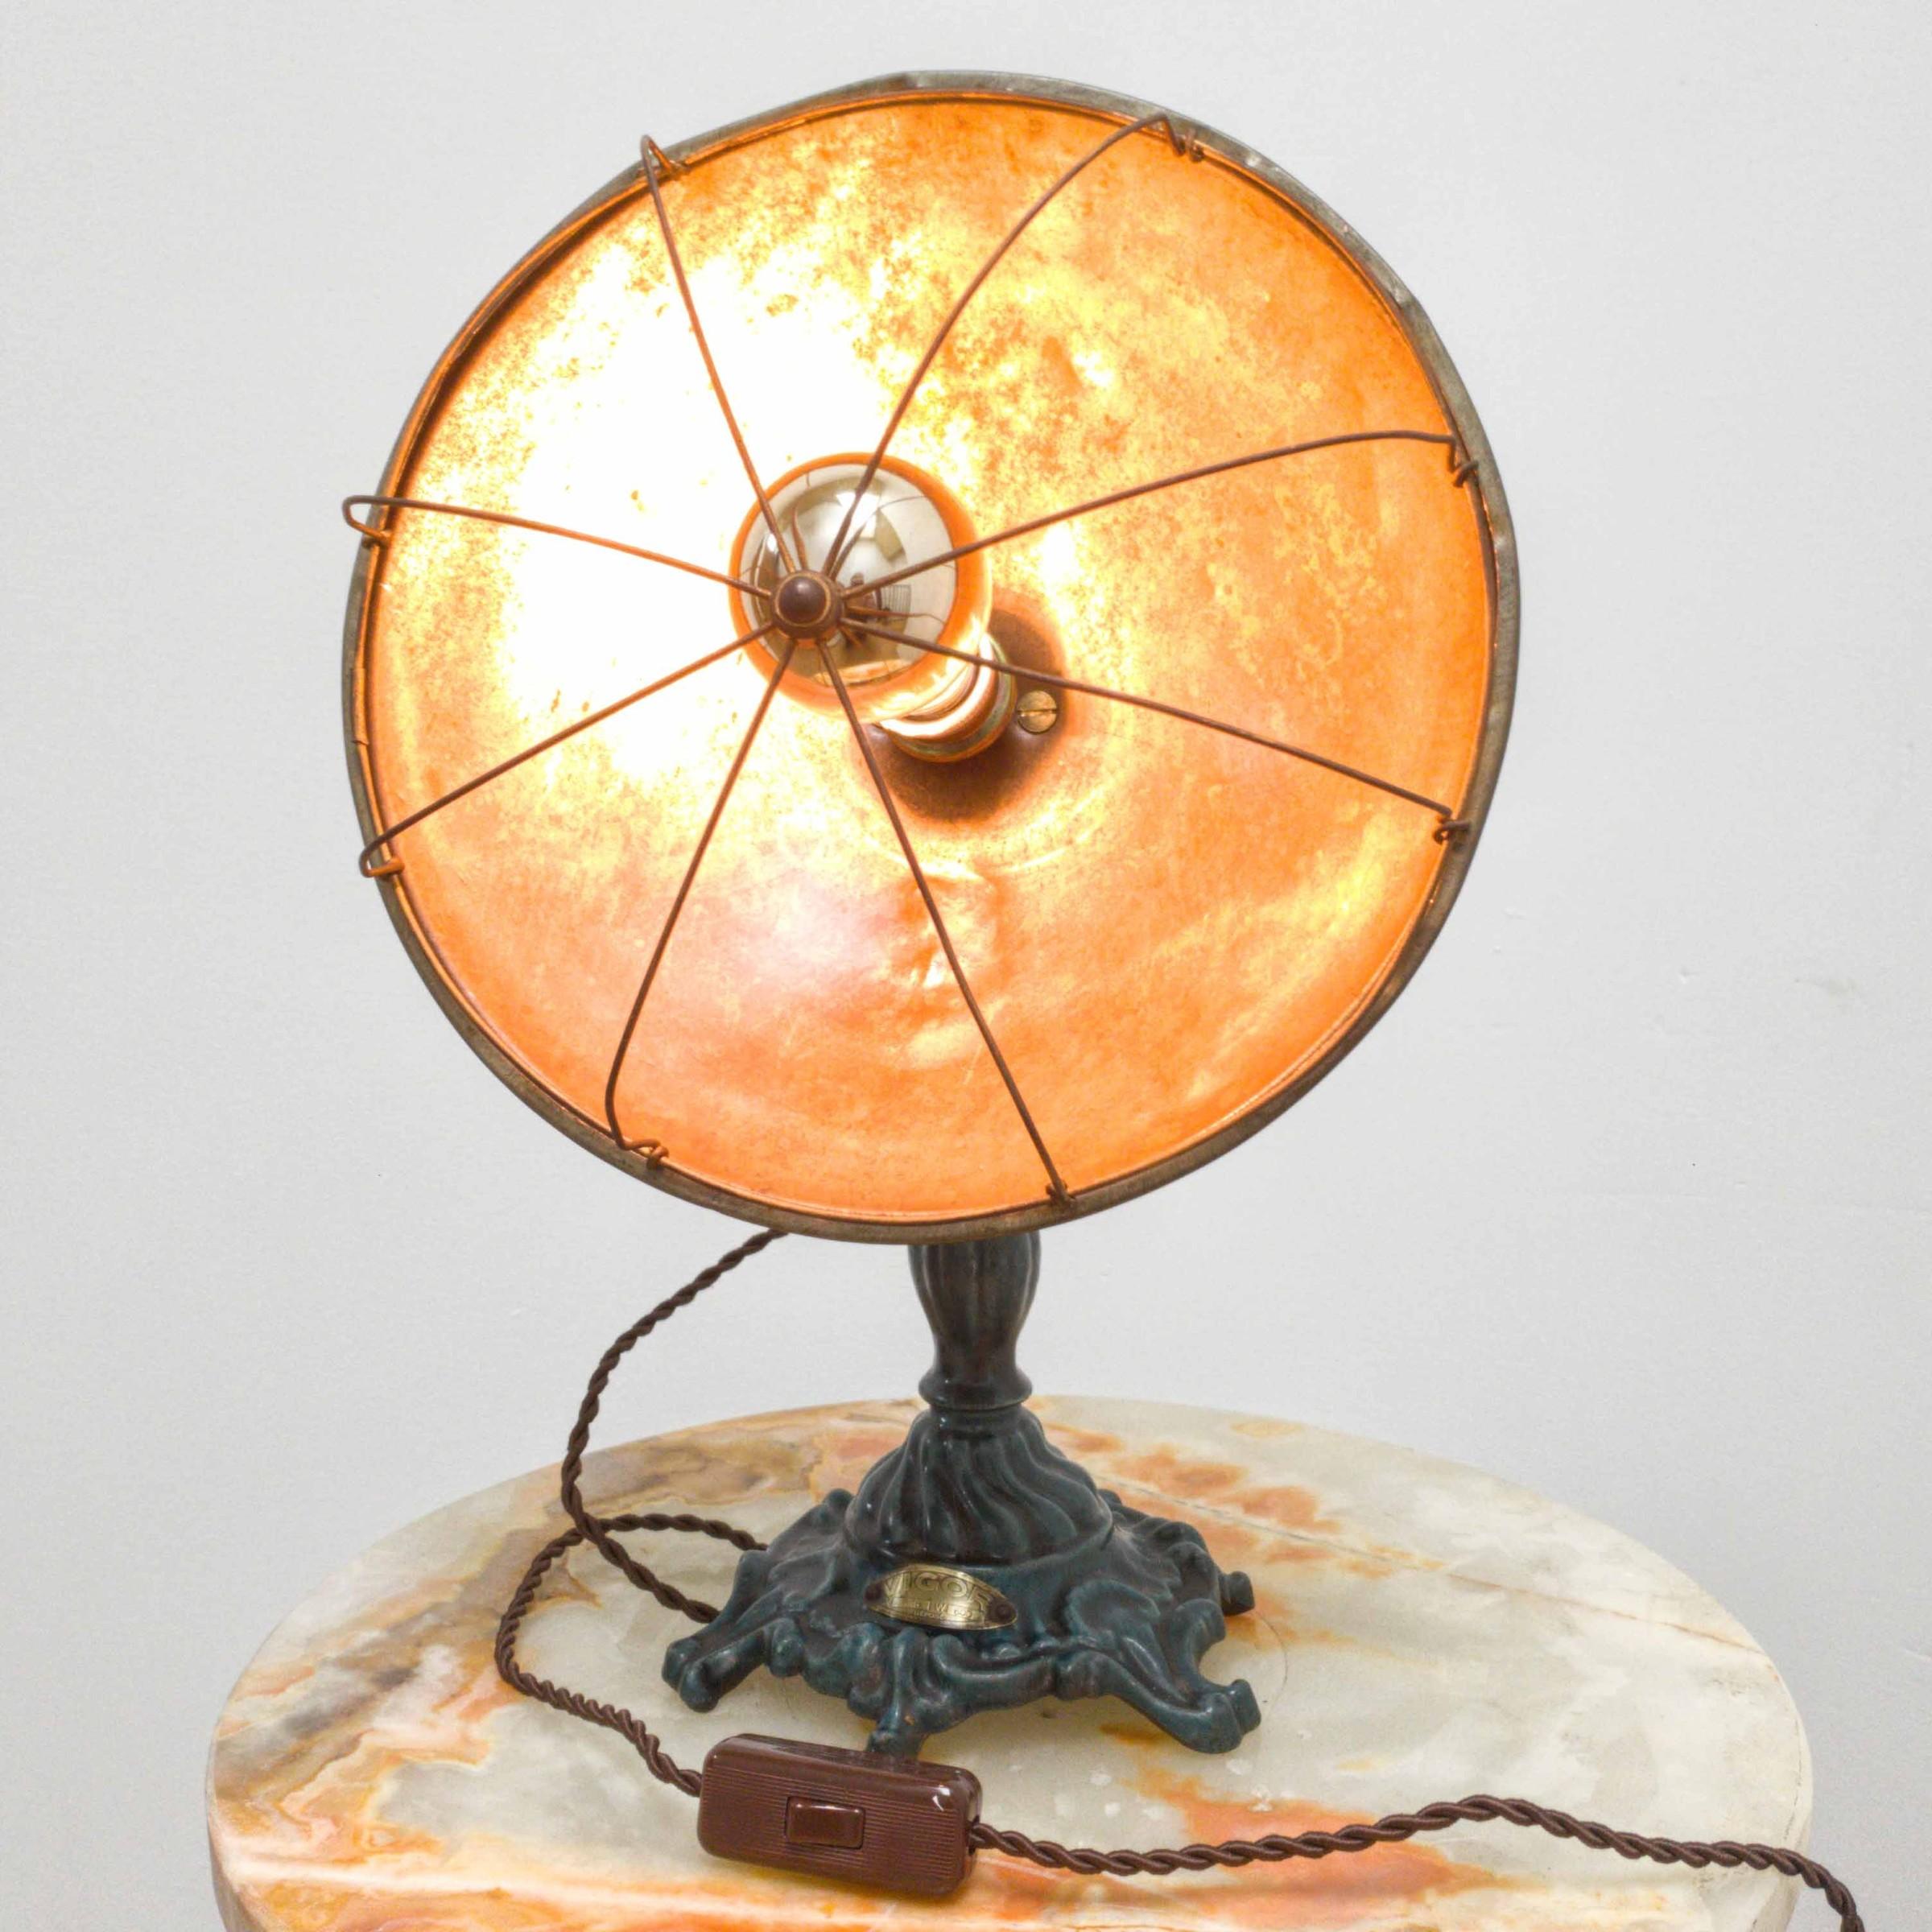 Oude industriële tafellampen koperen of gietijzeren voet